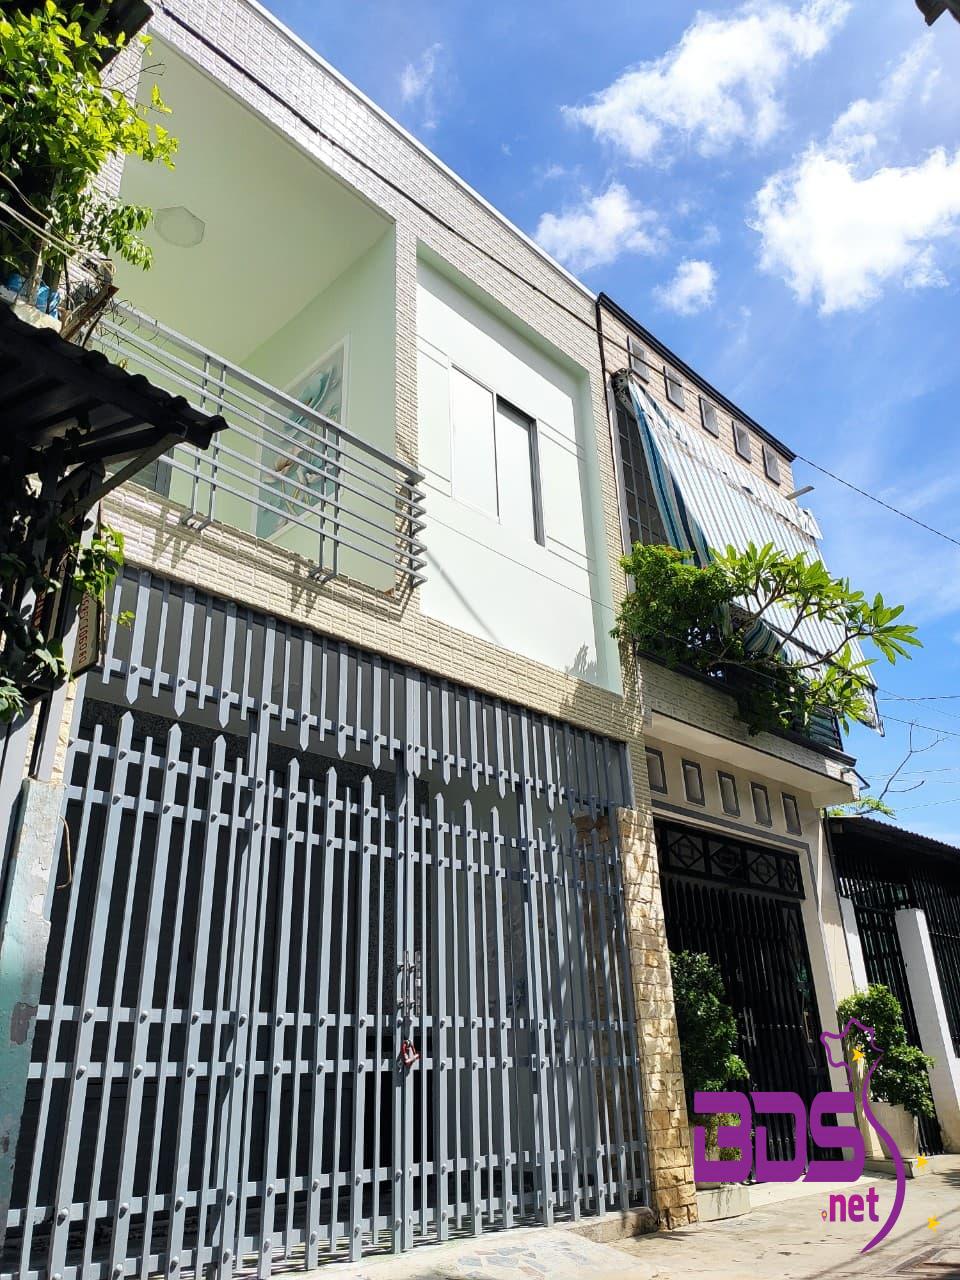 Bán nhà 1 trệt 1 lững hẽm 102 đường 3/2, Hưng Lợi, Ninh Kiều, CT-0